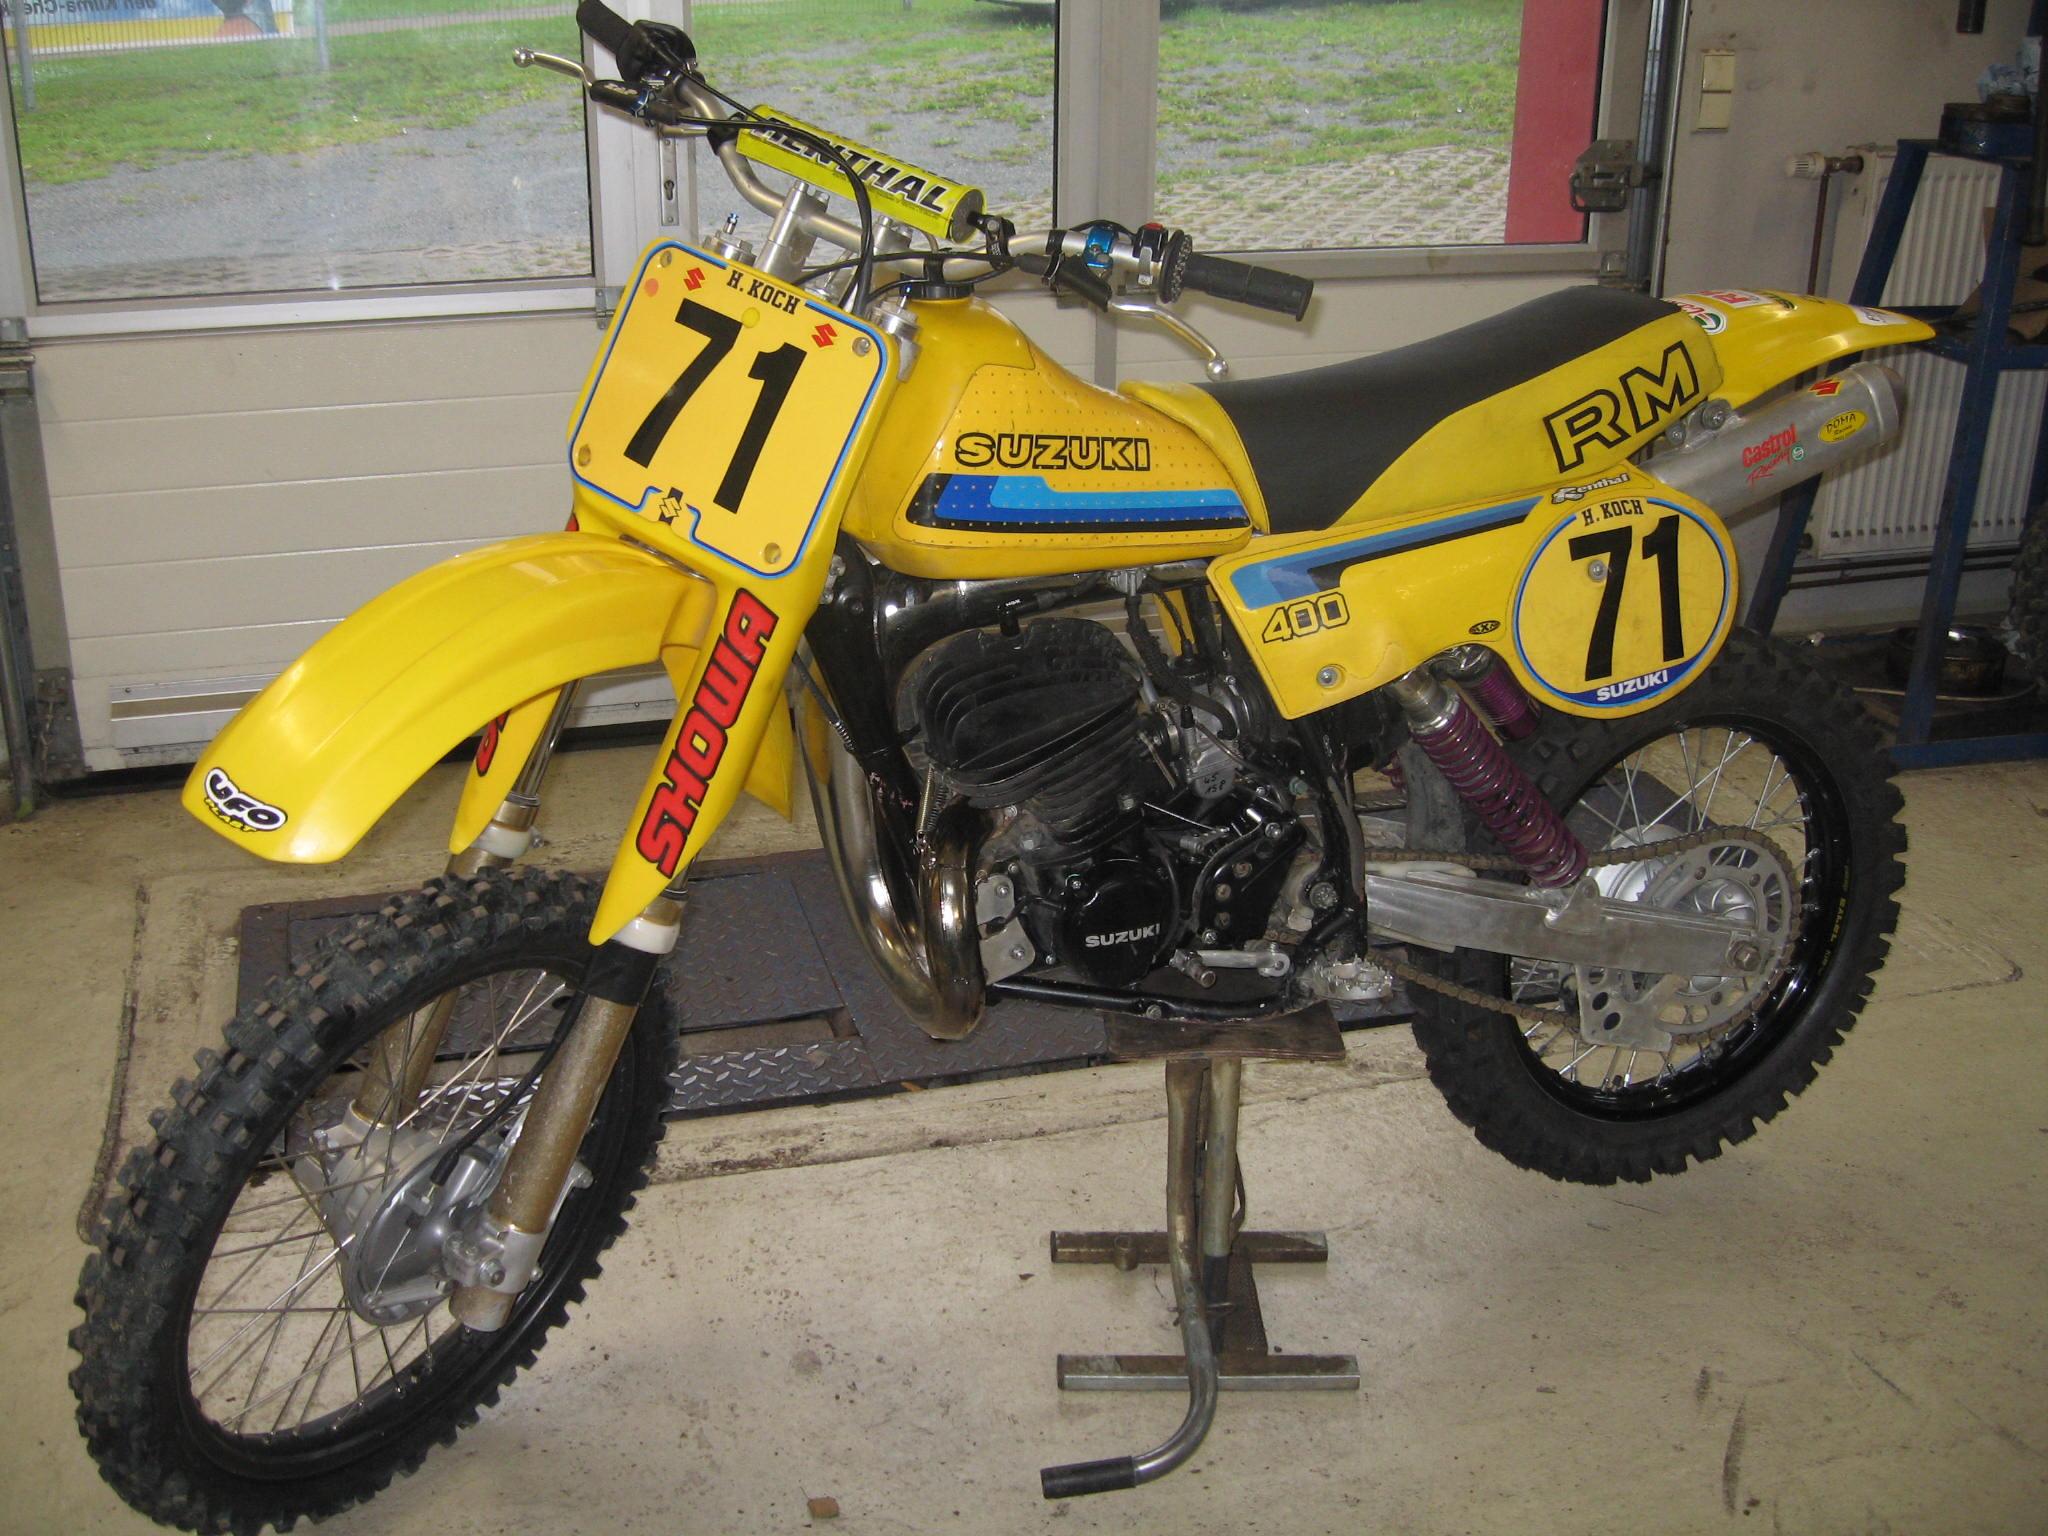 Motocrossbike nach der Reparatur/ Suzuki RM 250